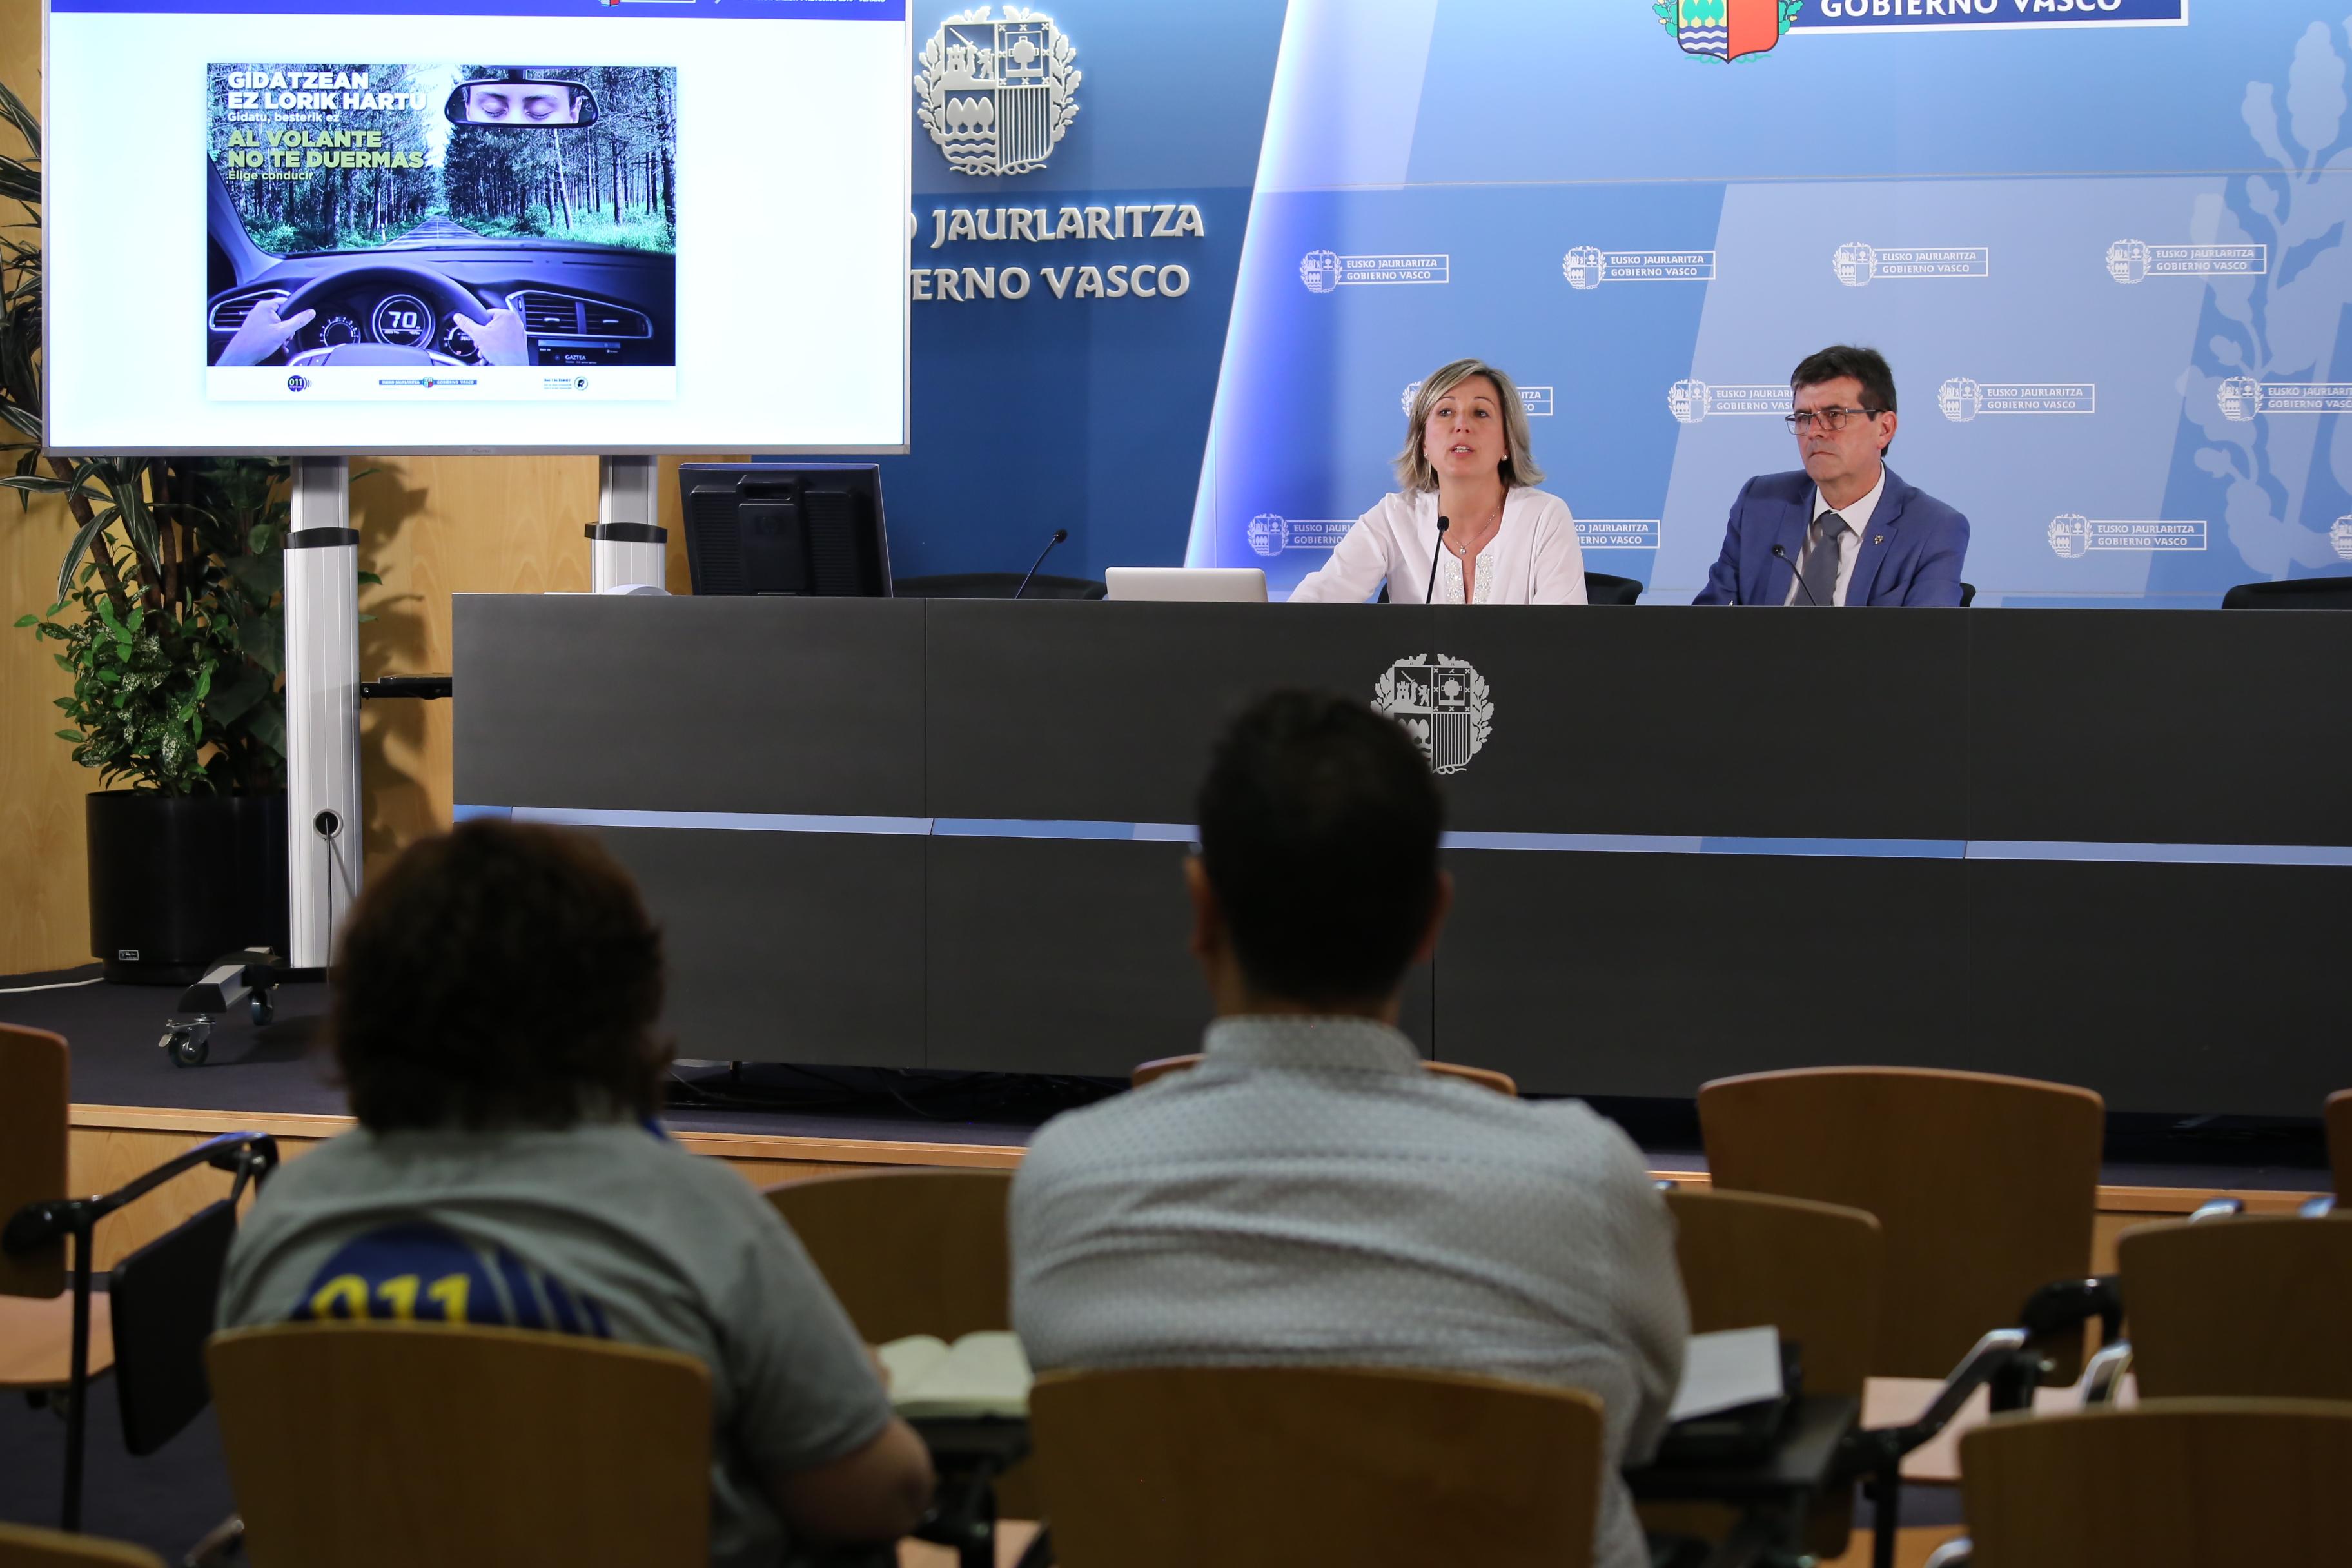 La Dirección de Tráfico insta a los transportistas a evitar el paso fronterizo los días 24, 25 y 26 de agosto por los cierres previstos con motivo de la cumbre del G7 en Biarritz